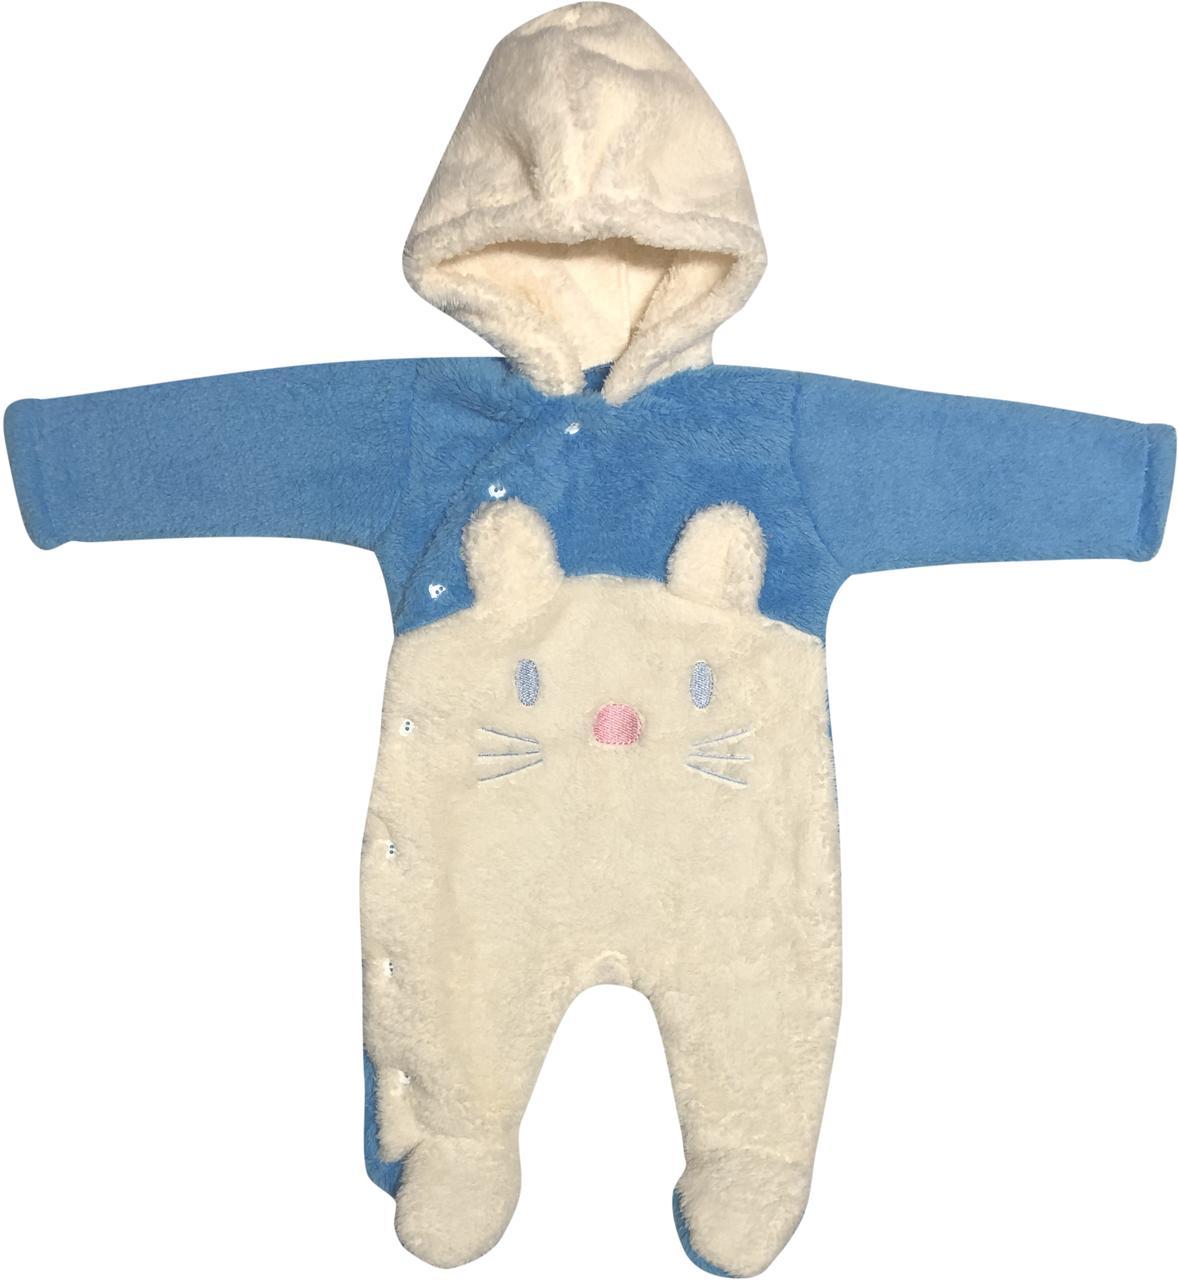 Дитячий теплий чоловічок зростання 74 (6-9 міс.) махра блакитний на хлопчика (сліп) з капюшоном для